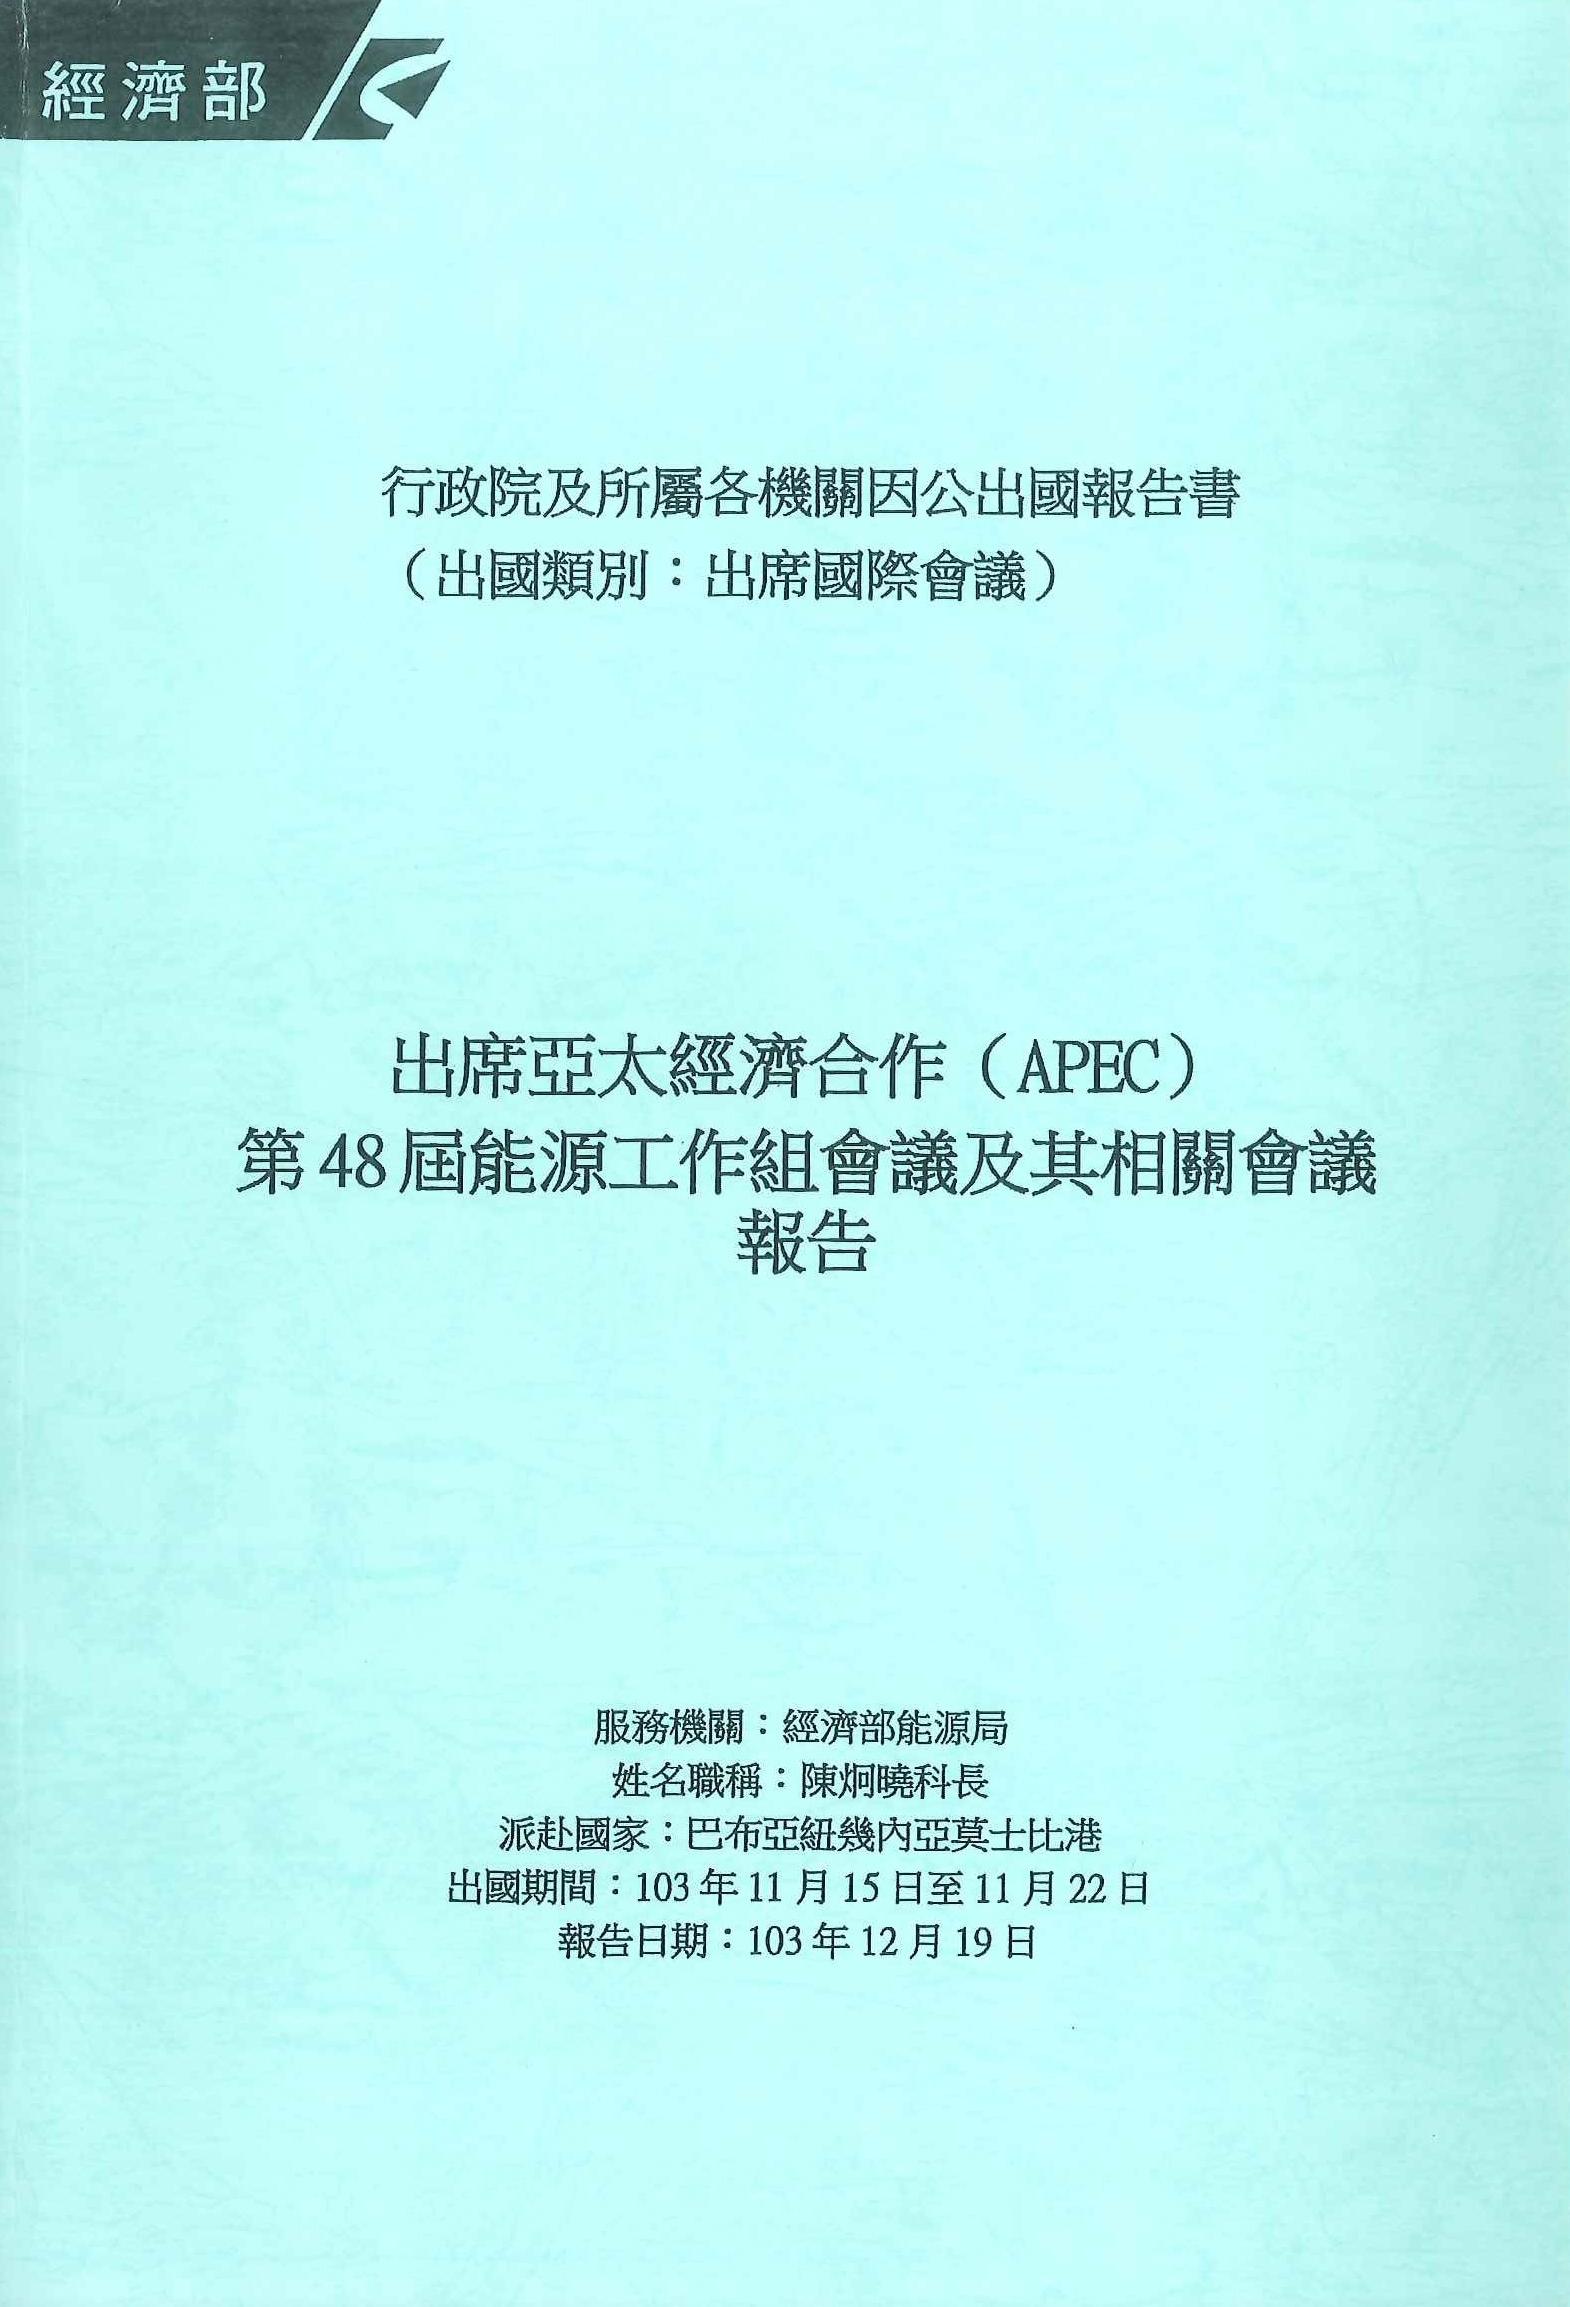 出席亞太經濟合作(APEC)第48屆能源工作組會議及其相關會議報告